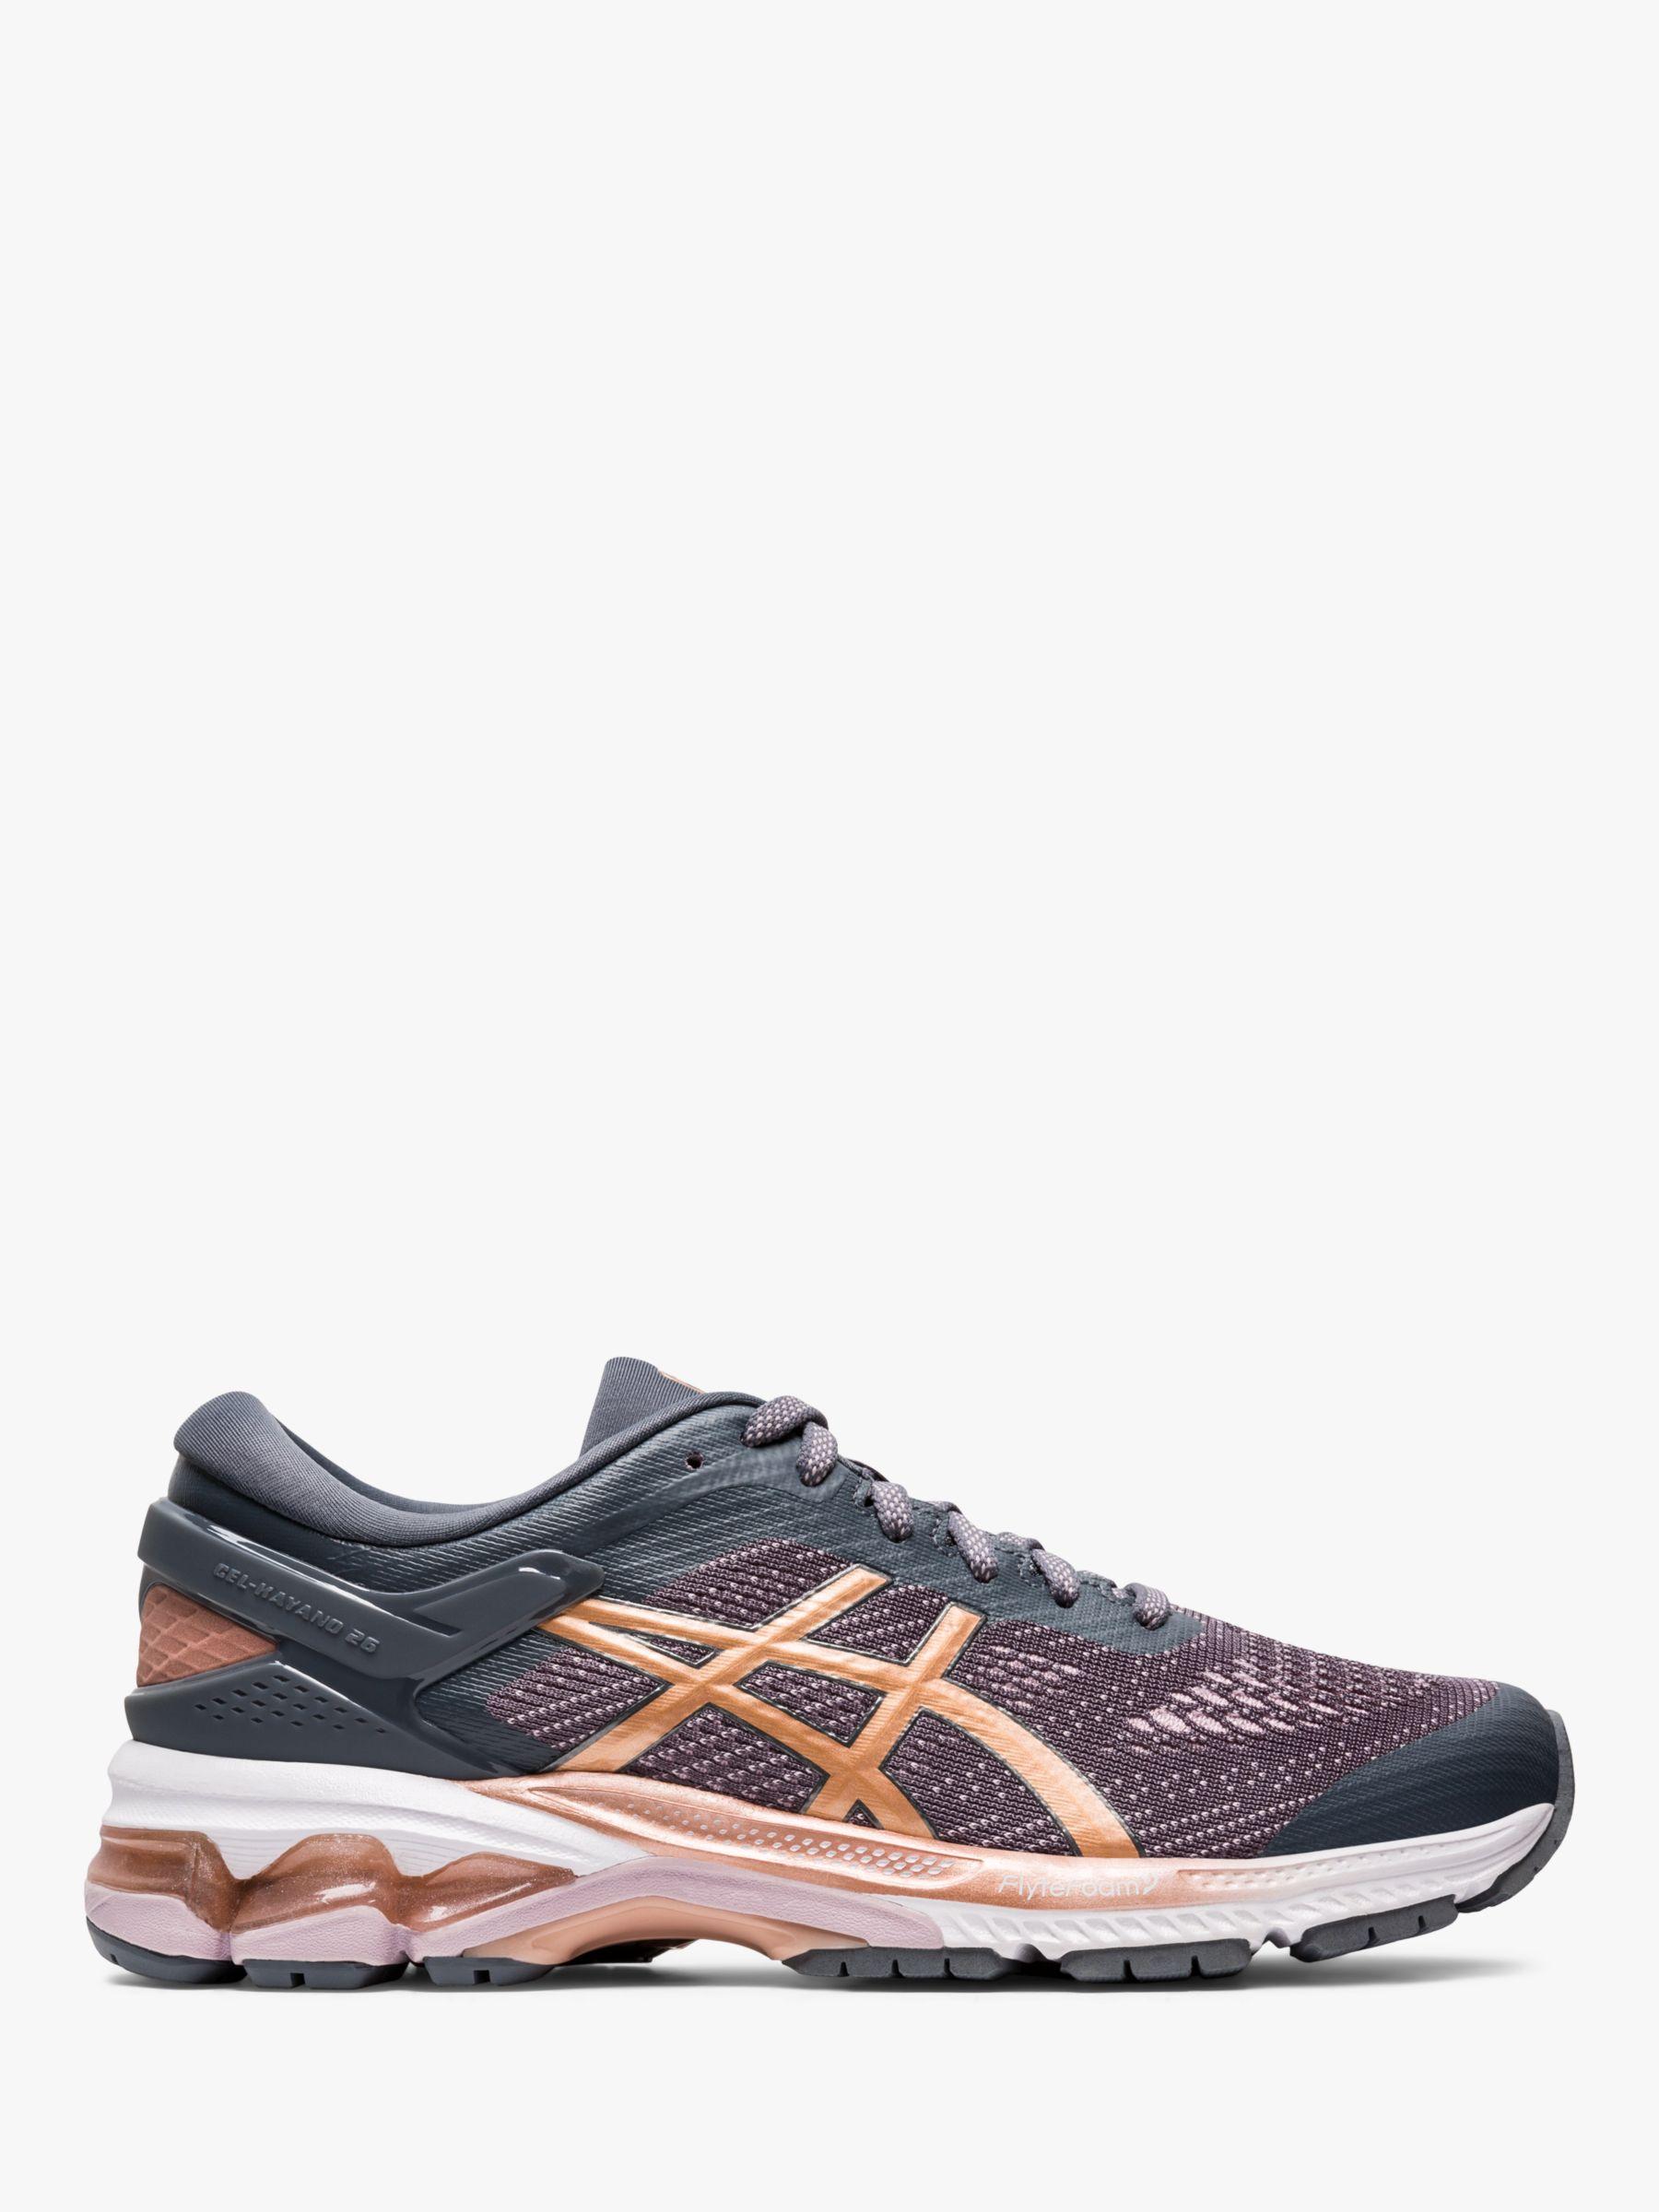 ASICS ASICS GEL-KAYANO 26 Women's Running Shoes, Metropolis/Rose Gold